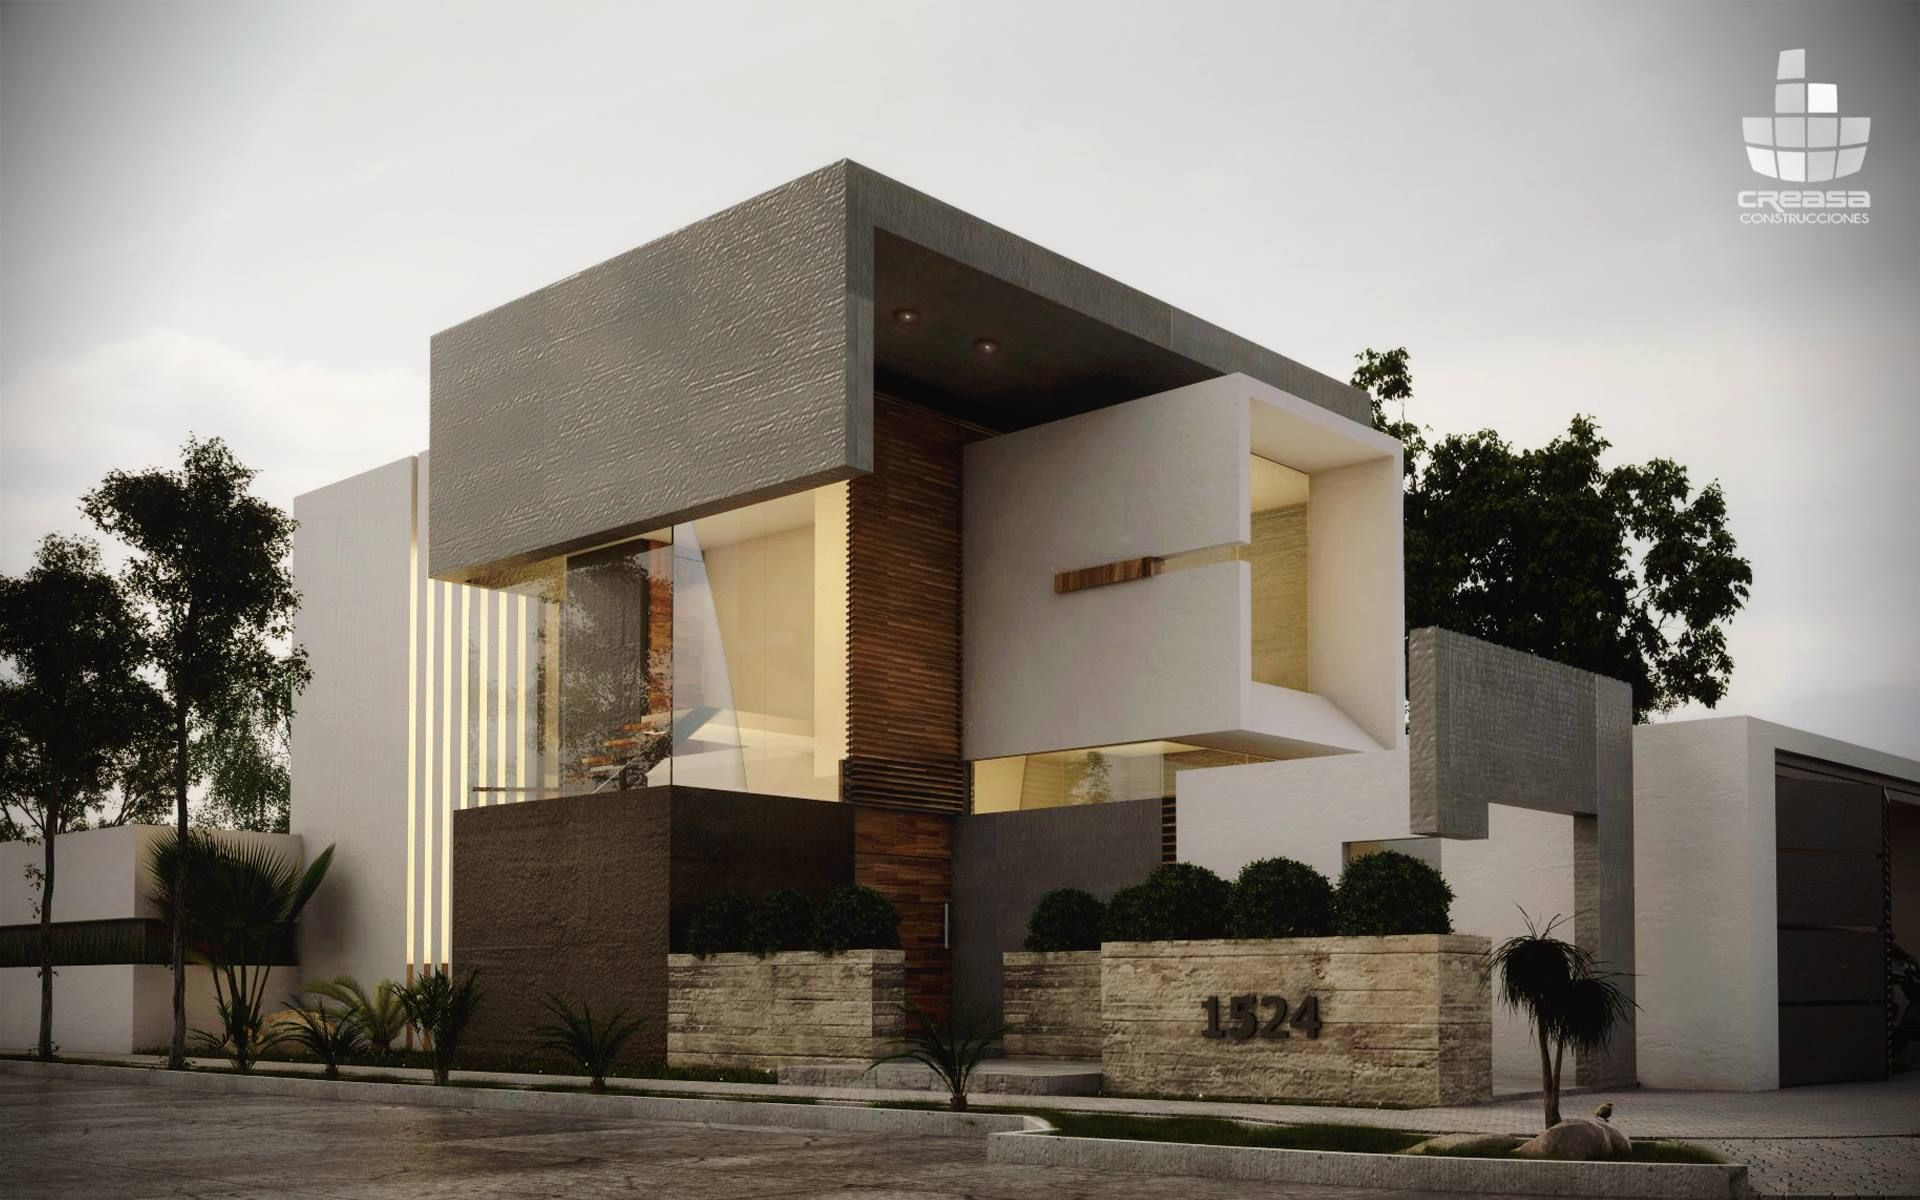 Creasa z creasa mx arquitectura fachadas casa estilo - Casas arquitectura moderna ...